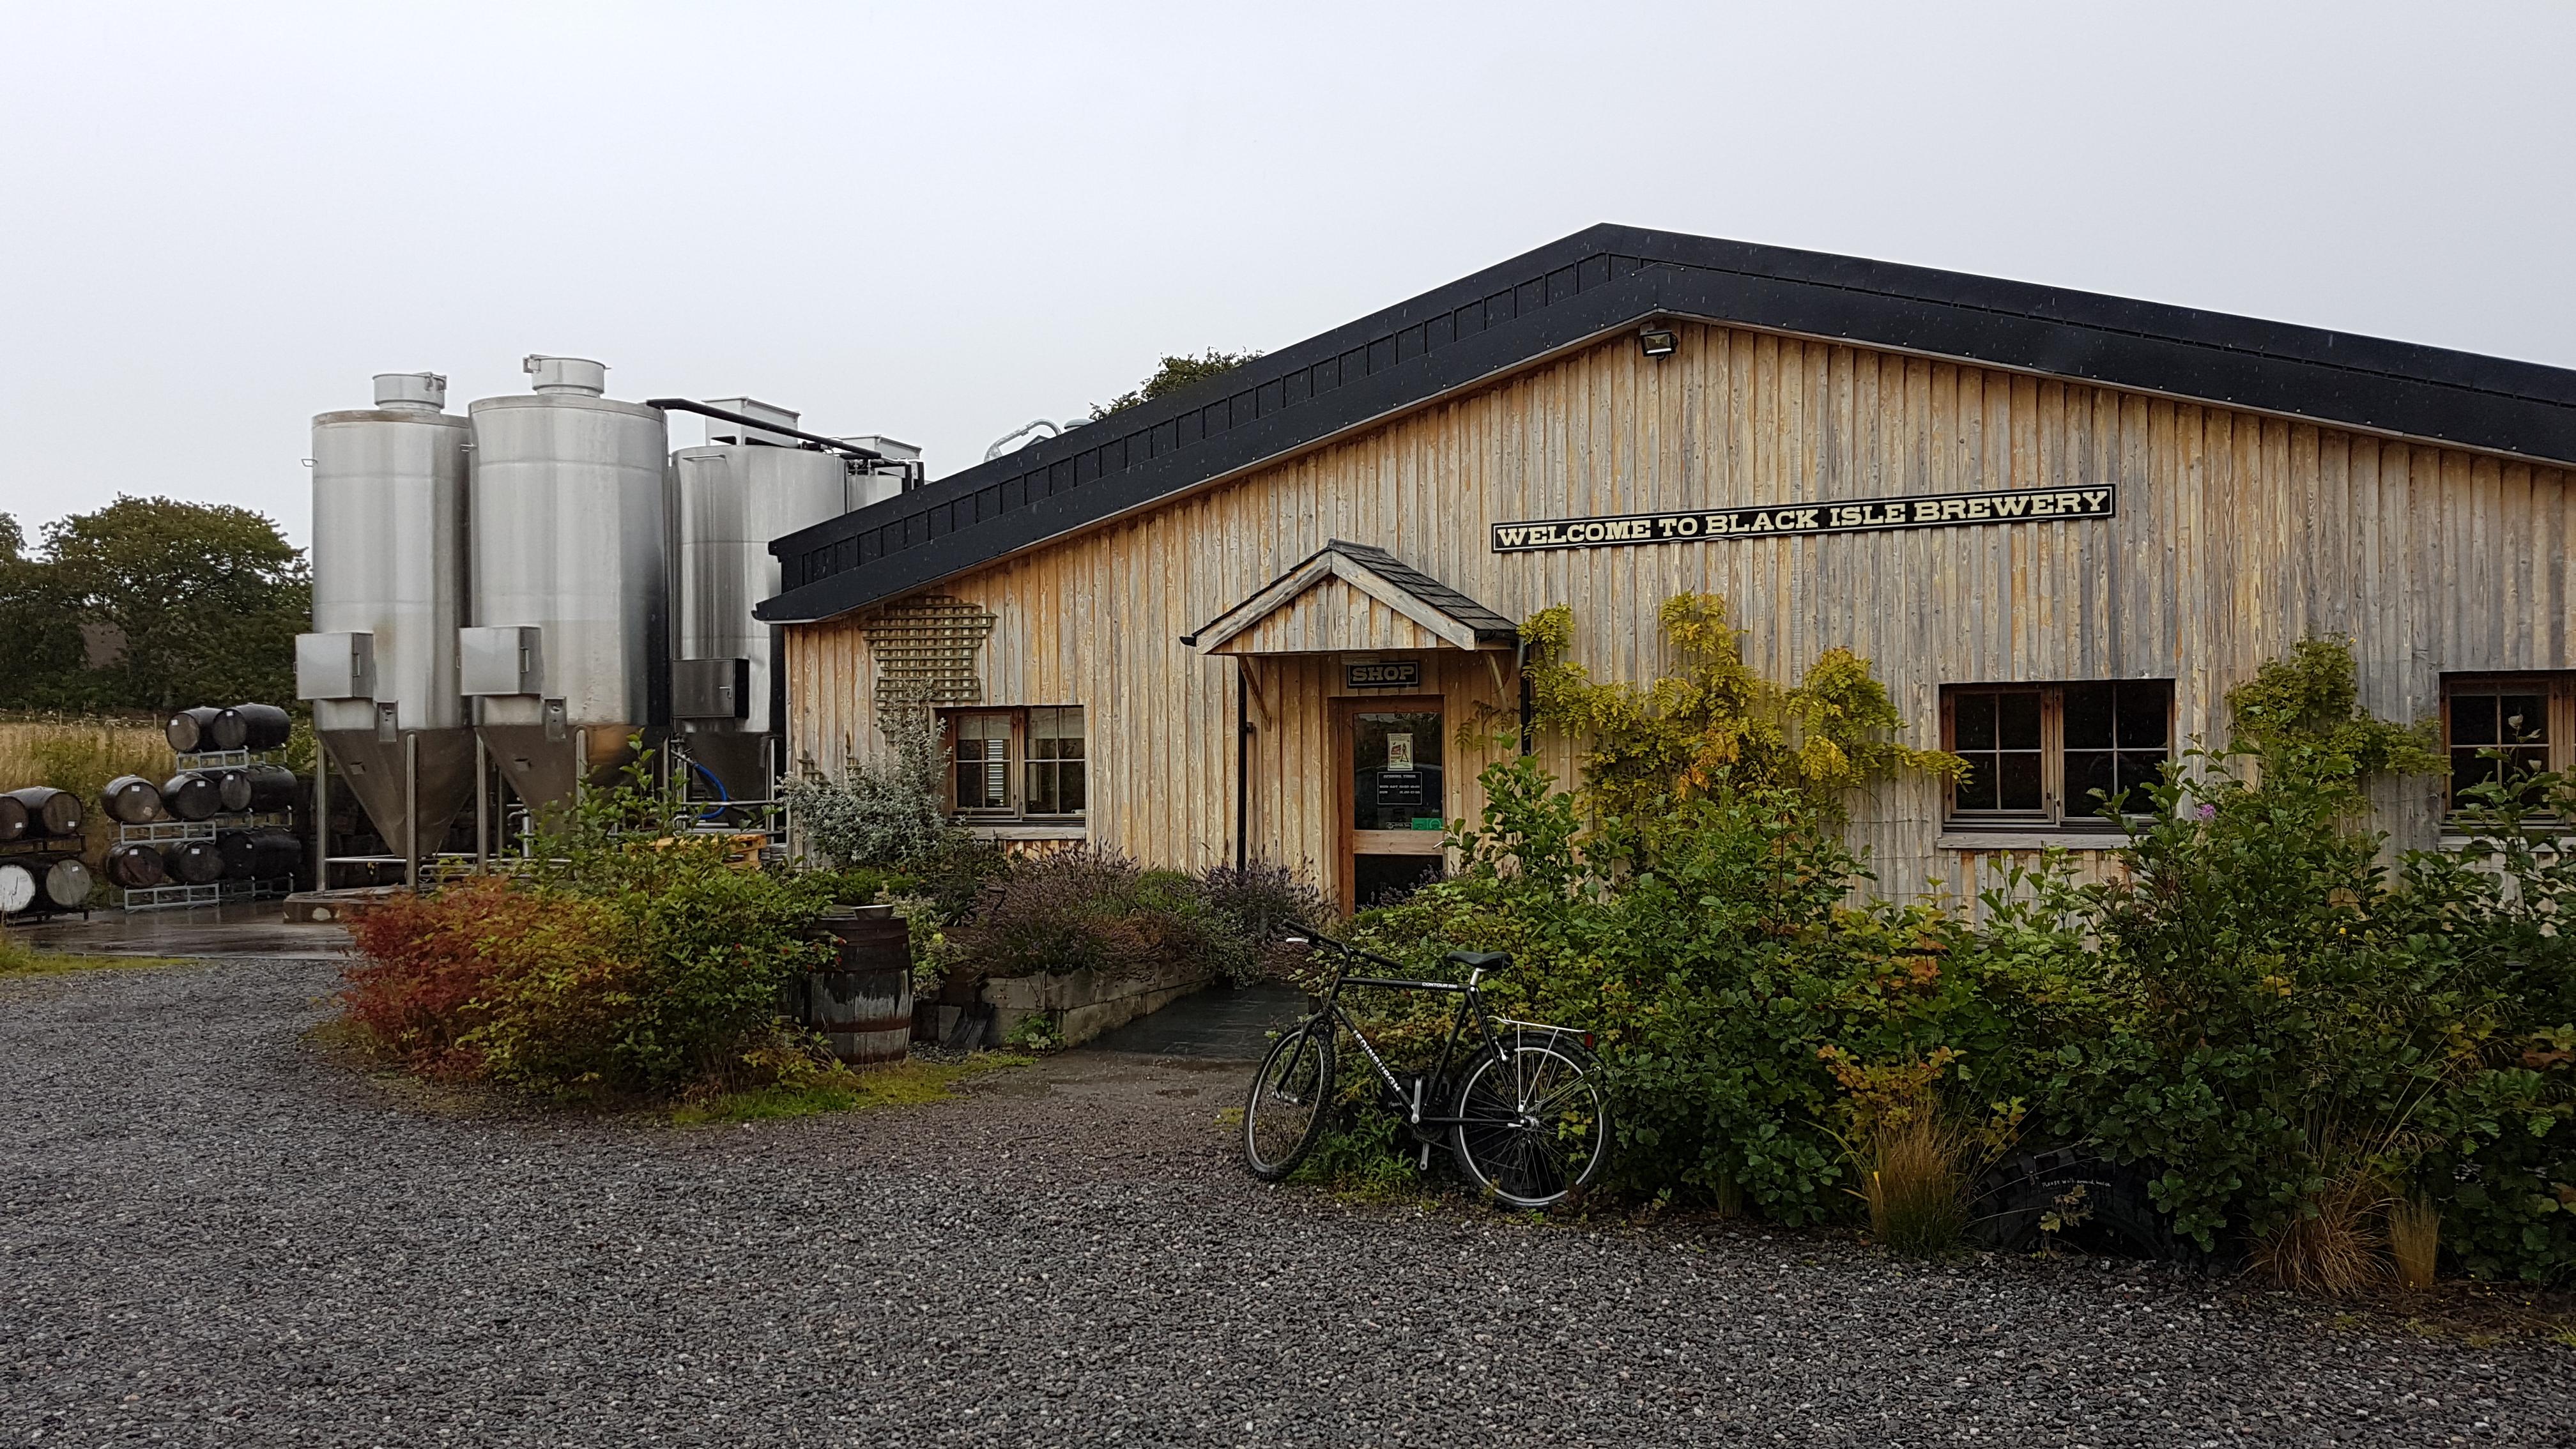 Die Black Isle Brewery. Foto: Kerstin Fritzsche